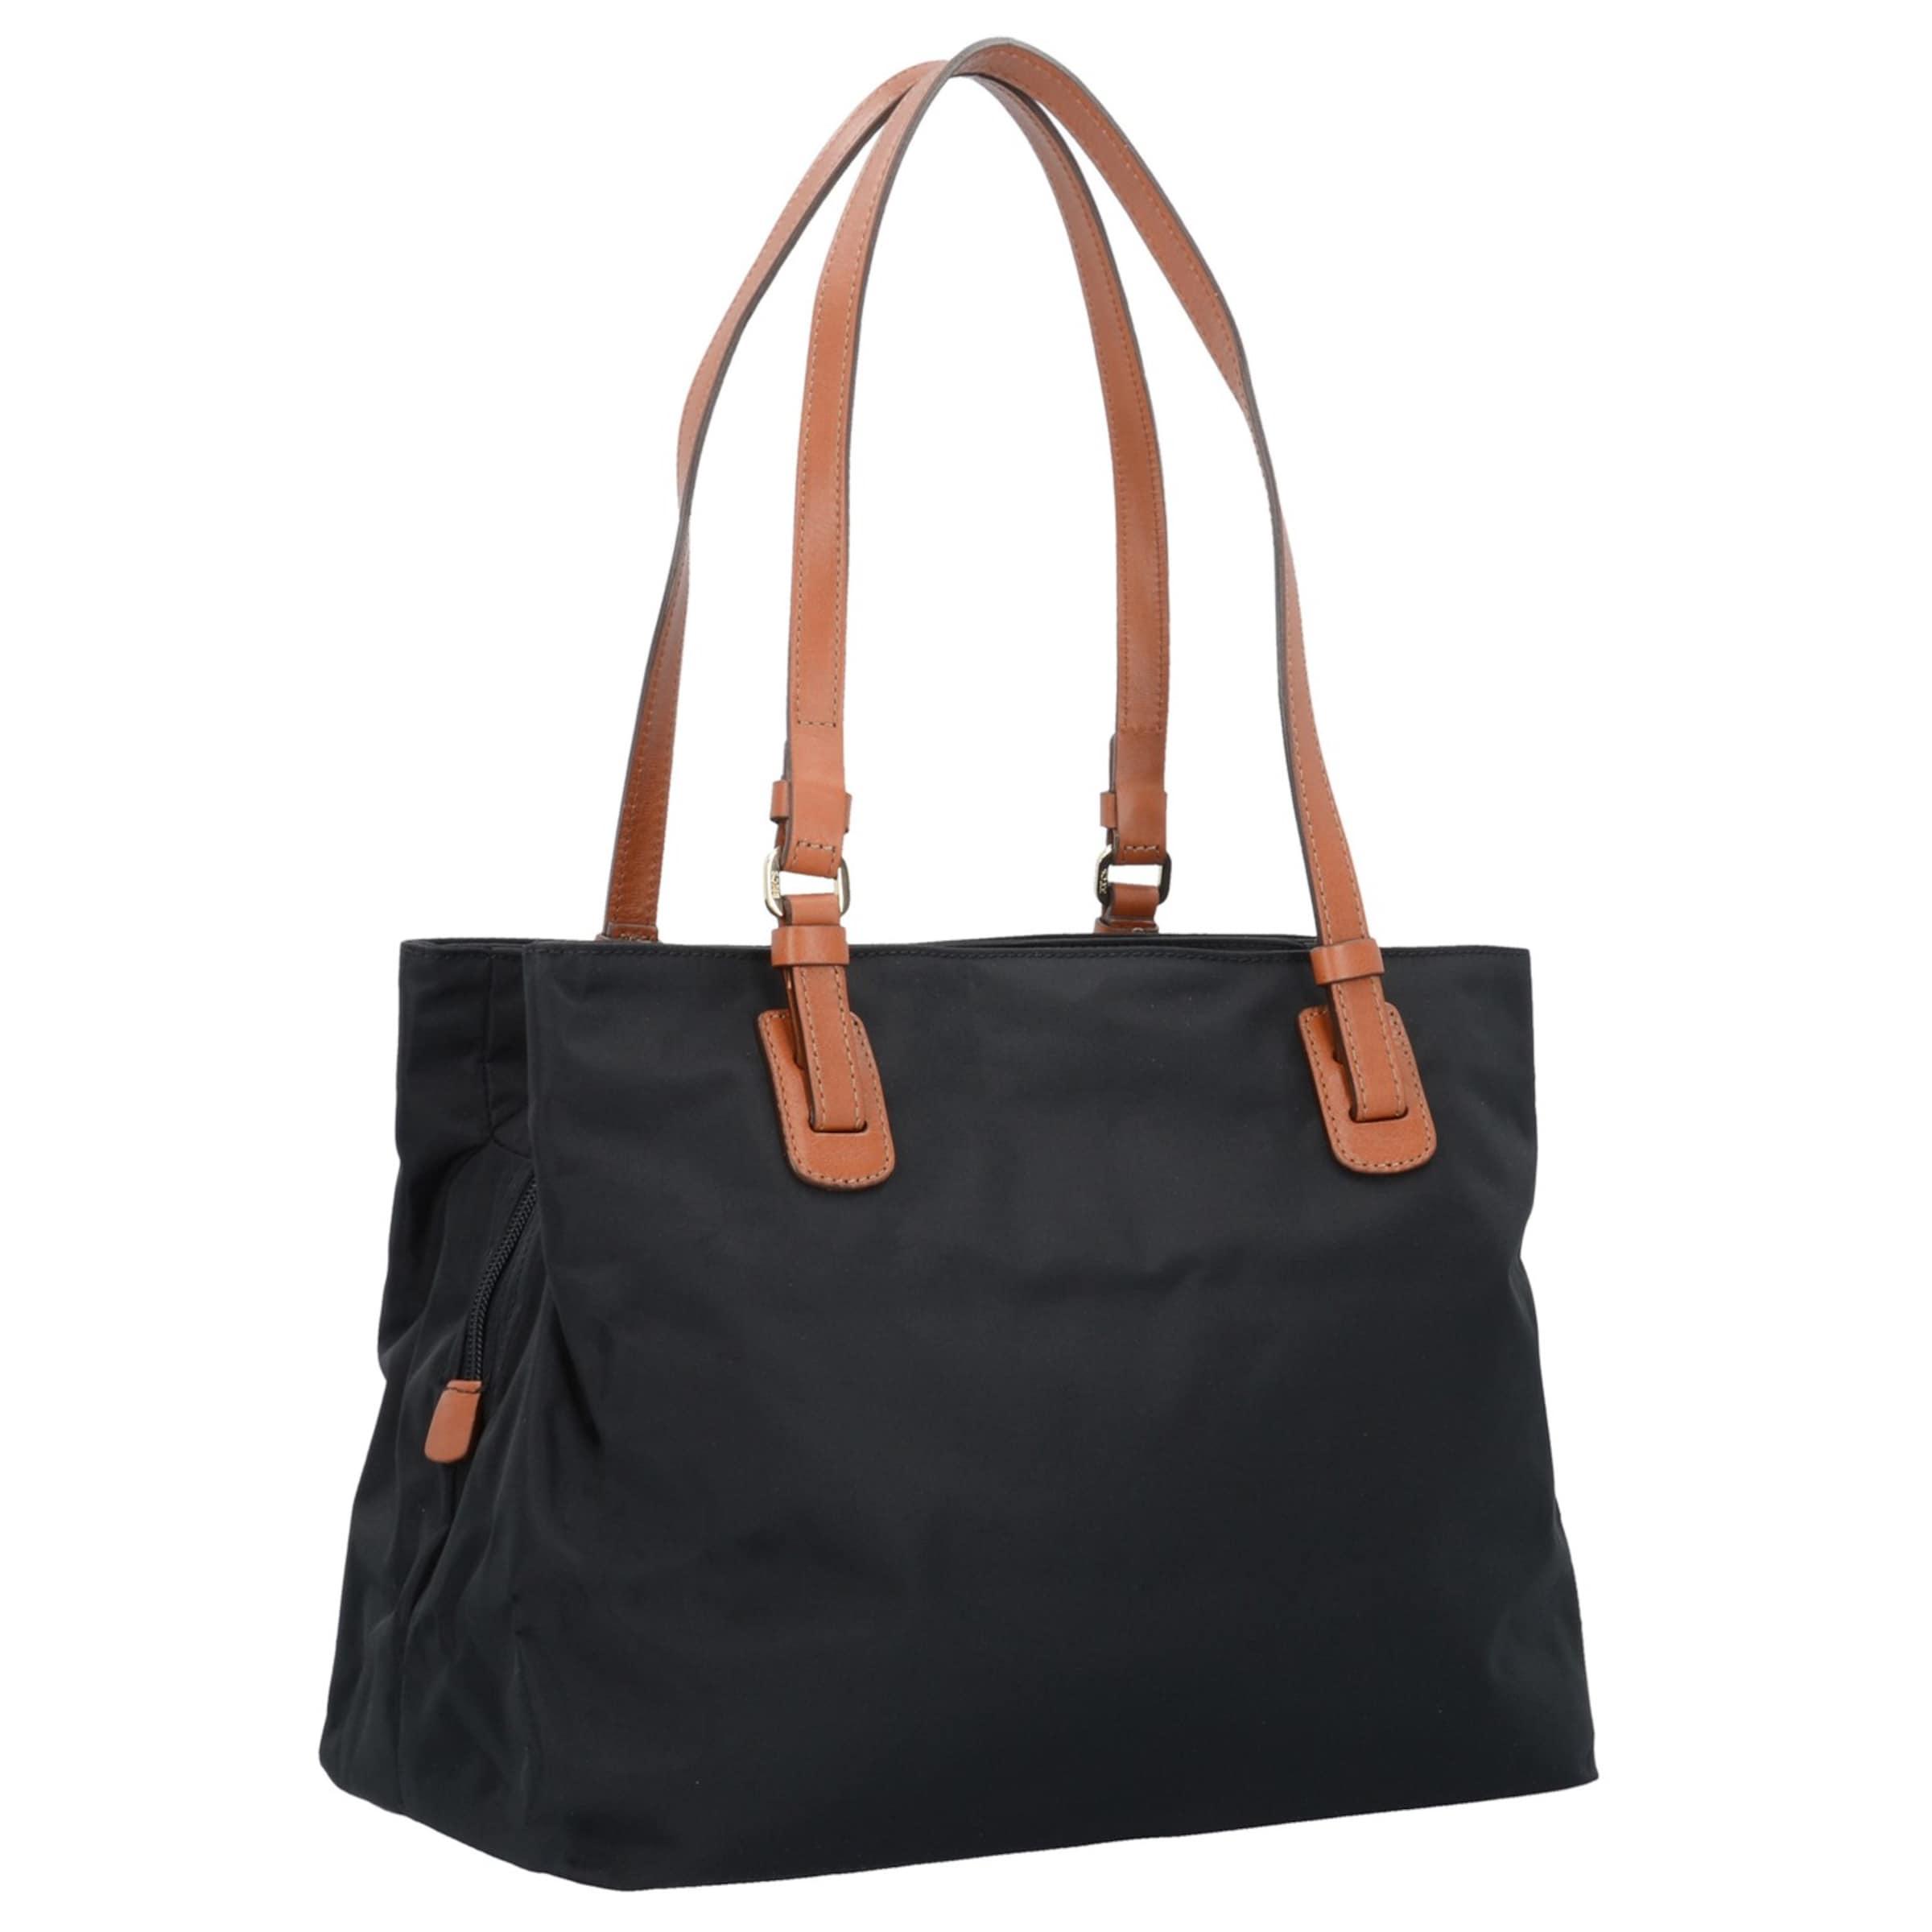 Beliebt Zu Verkaufen Echte Online Bric's X-Bag Schultertasche 32 cm  Billig Verkauf Browse Spielraum Bester Ort SsJdxi6